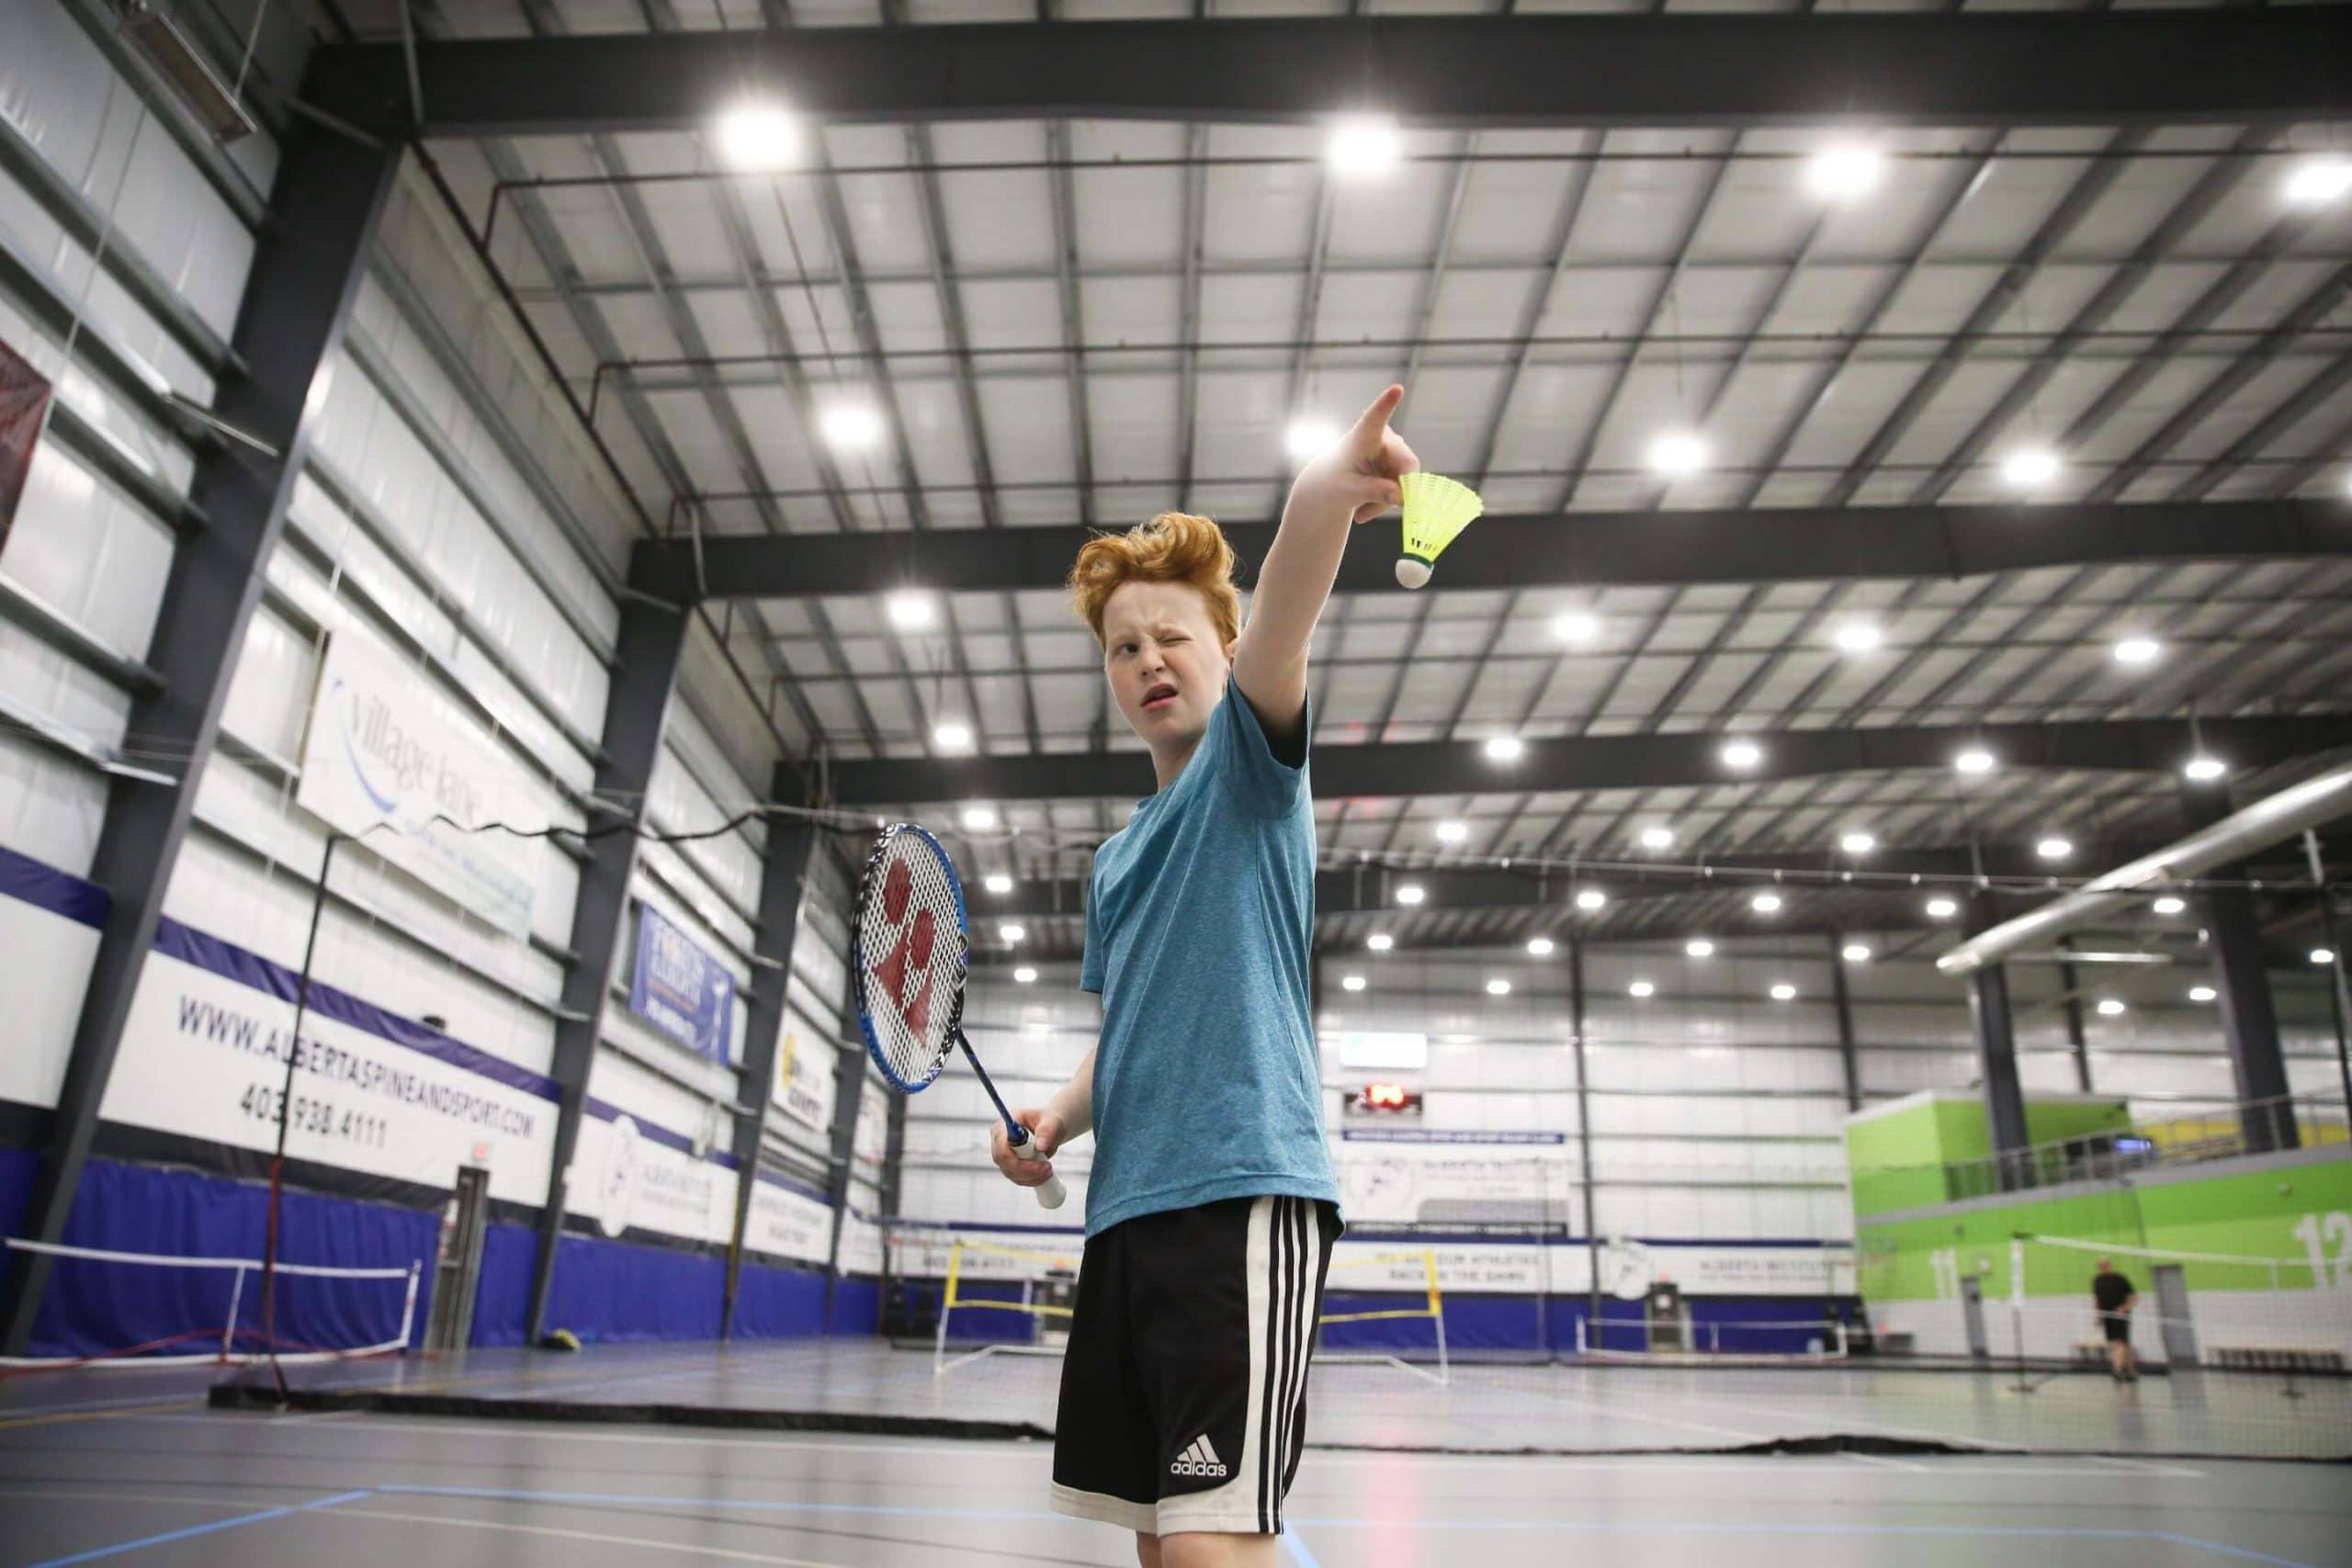 Top tips for badminton beginner